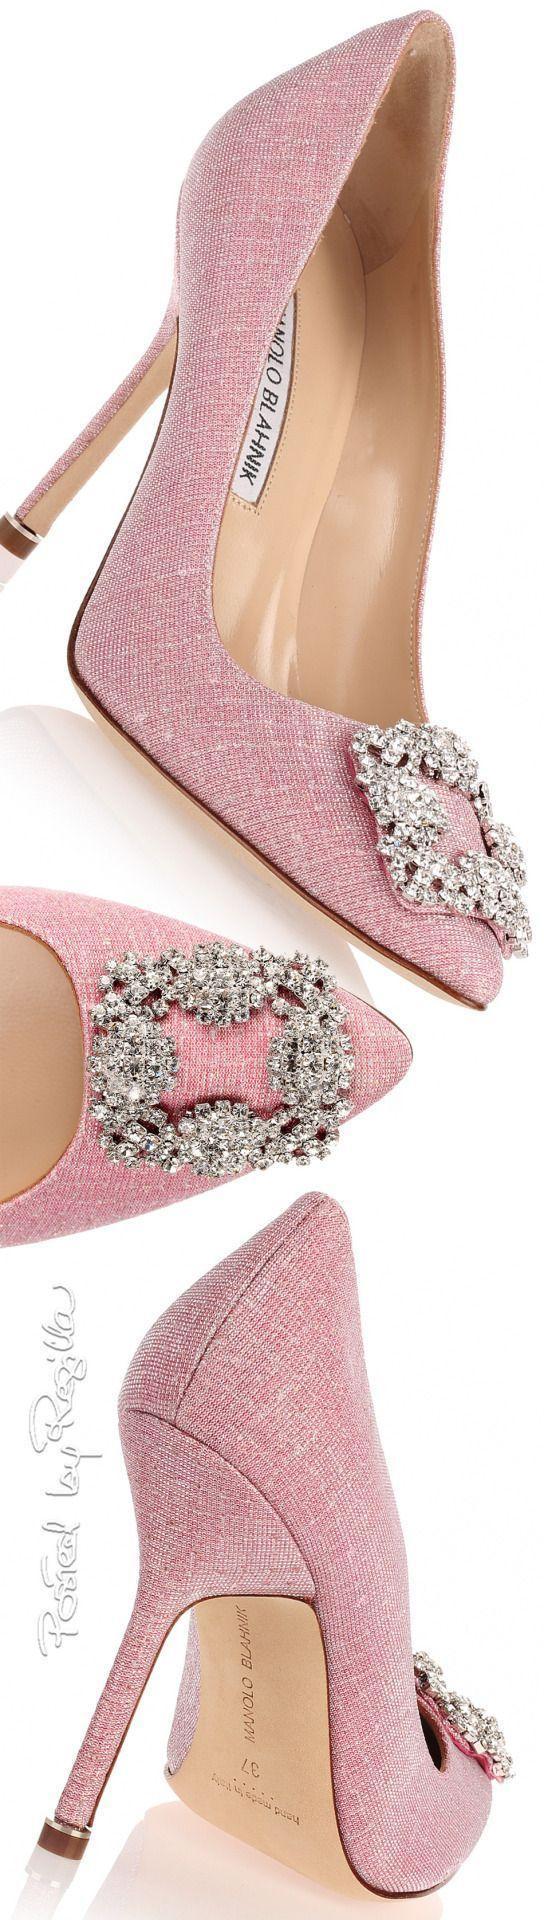 Hochzeit - Hoch Hinaus In Rosa (Farbpassnummer 14) Kerstin Tomancok Farb-, Typ-, Stil & Imageberatung #WomensUnderArmourShoes